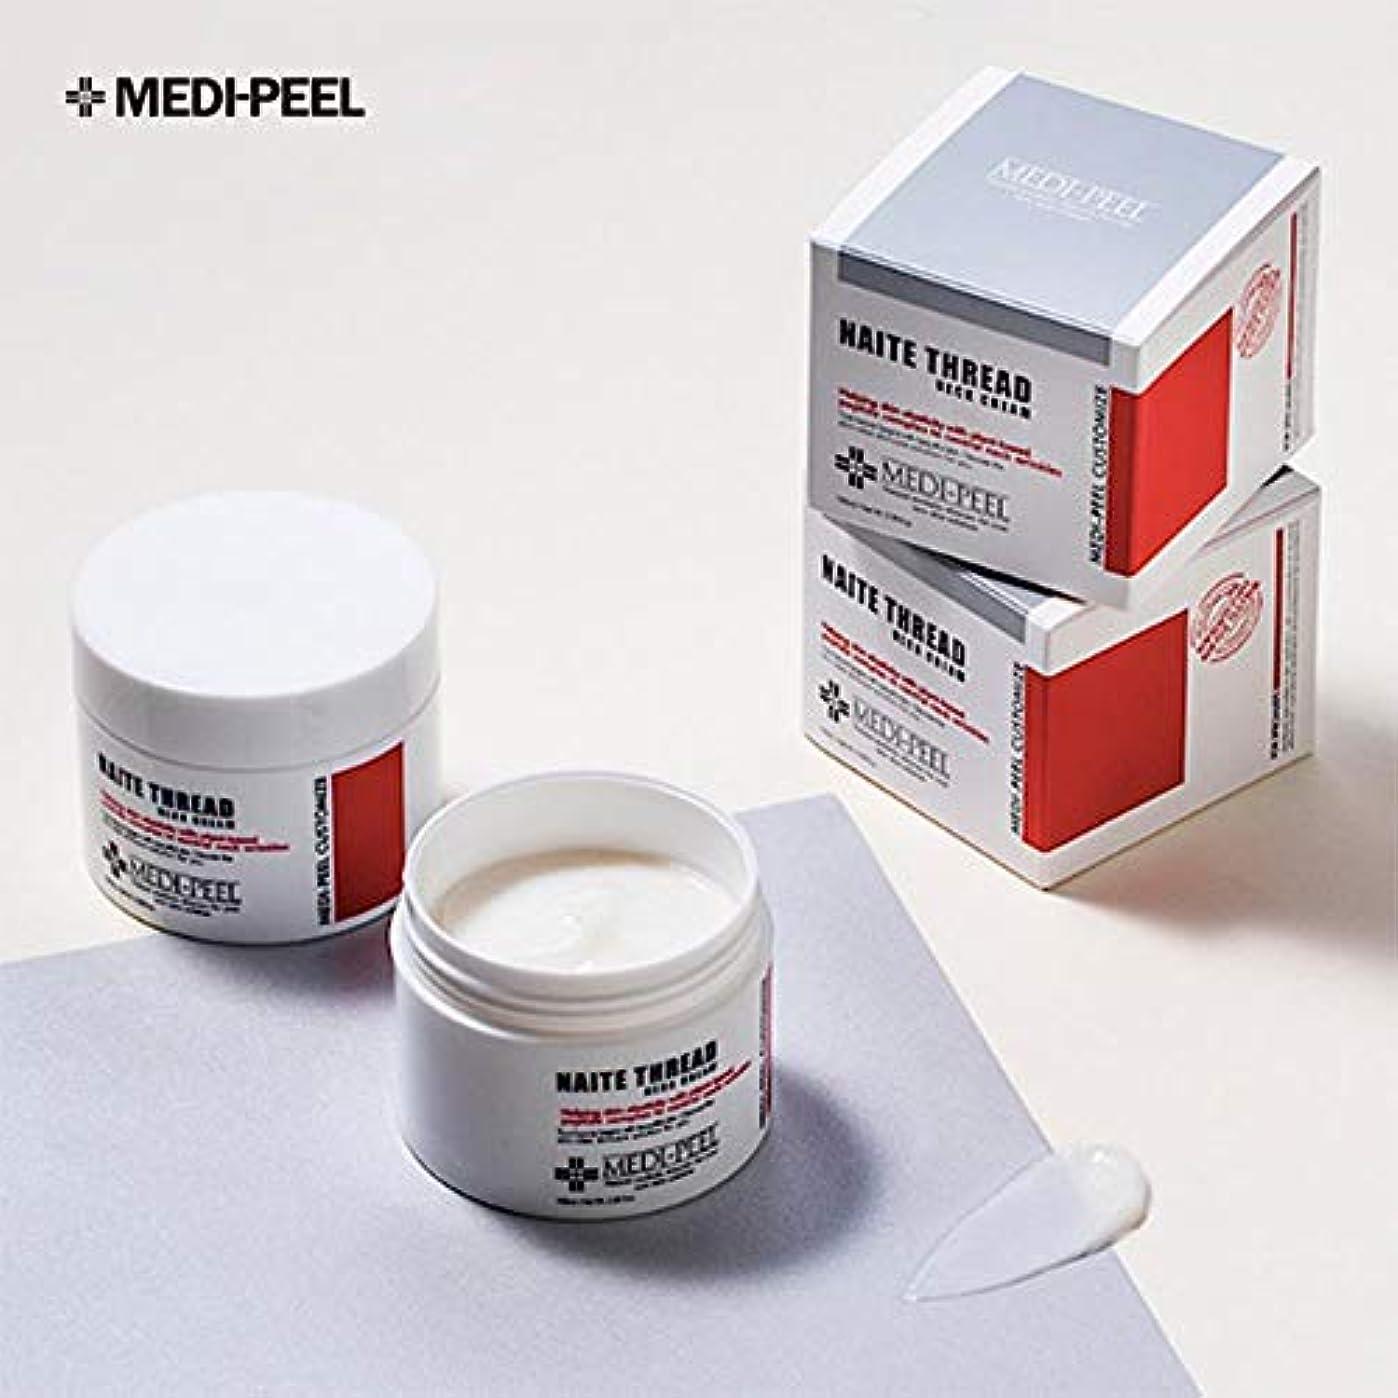 トラフィックヒョウグローメディピール Medi-Peel Naite Thread Neck Cream年輪糸ネックのクリーム 100ml